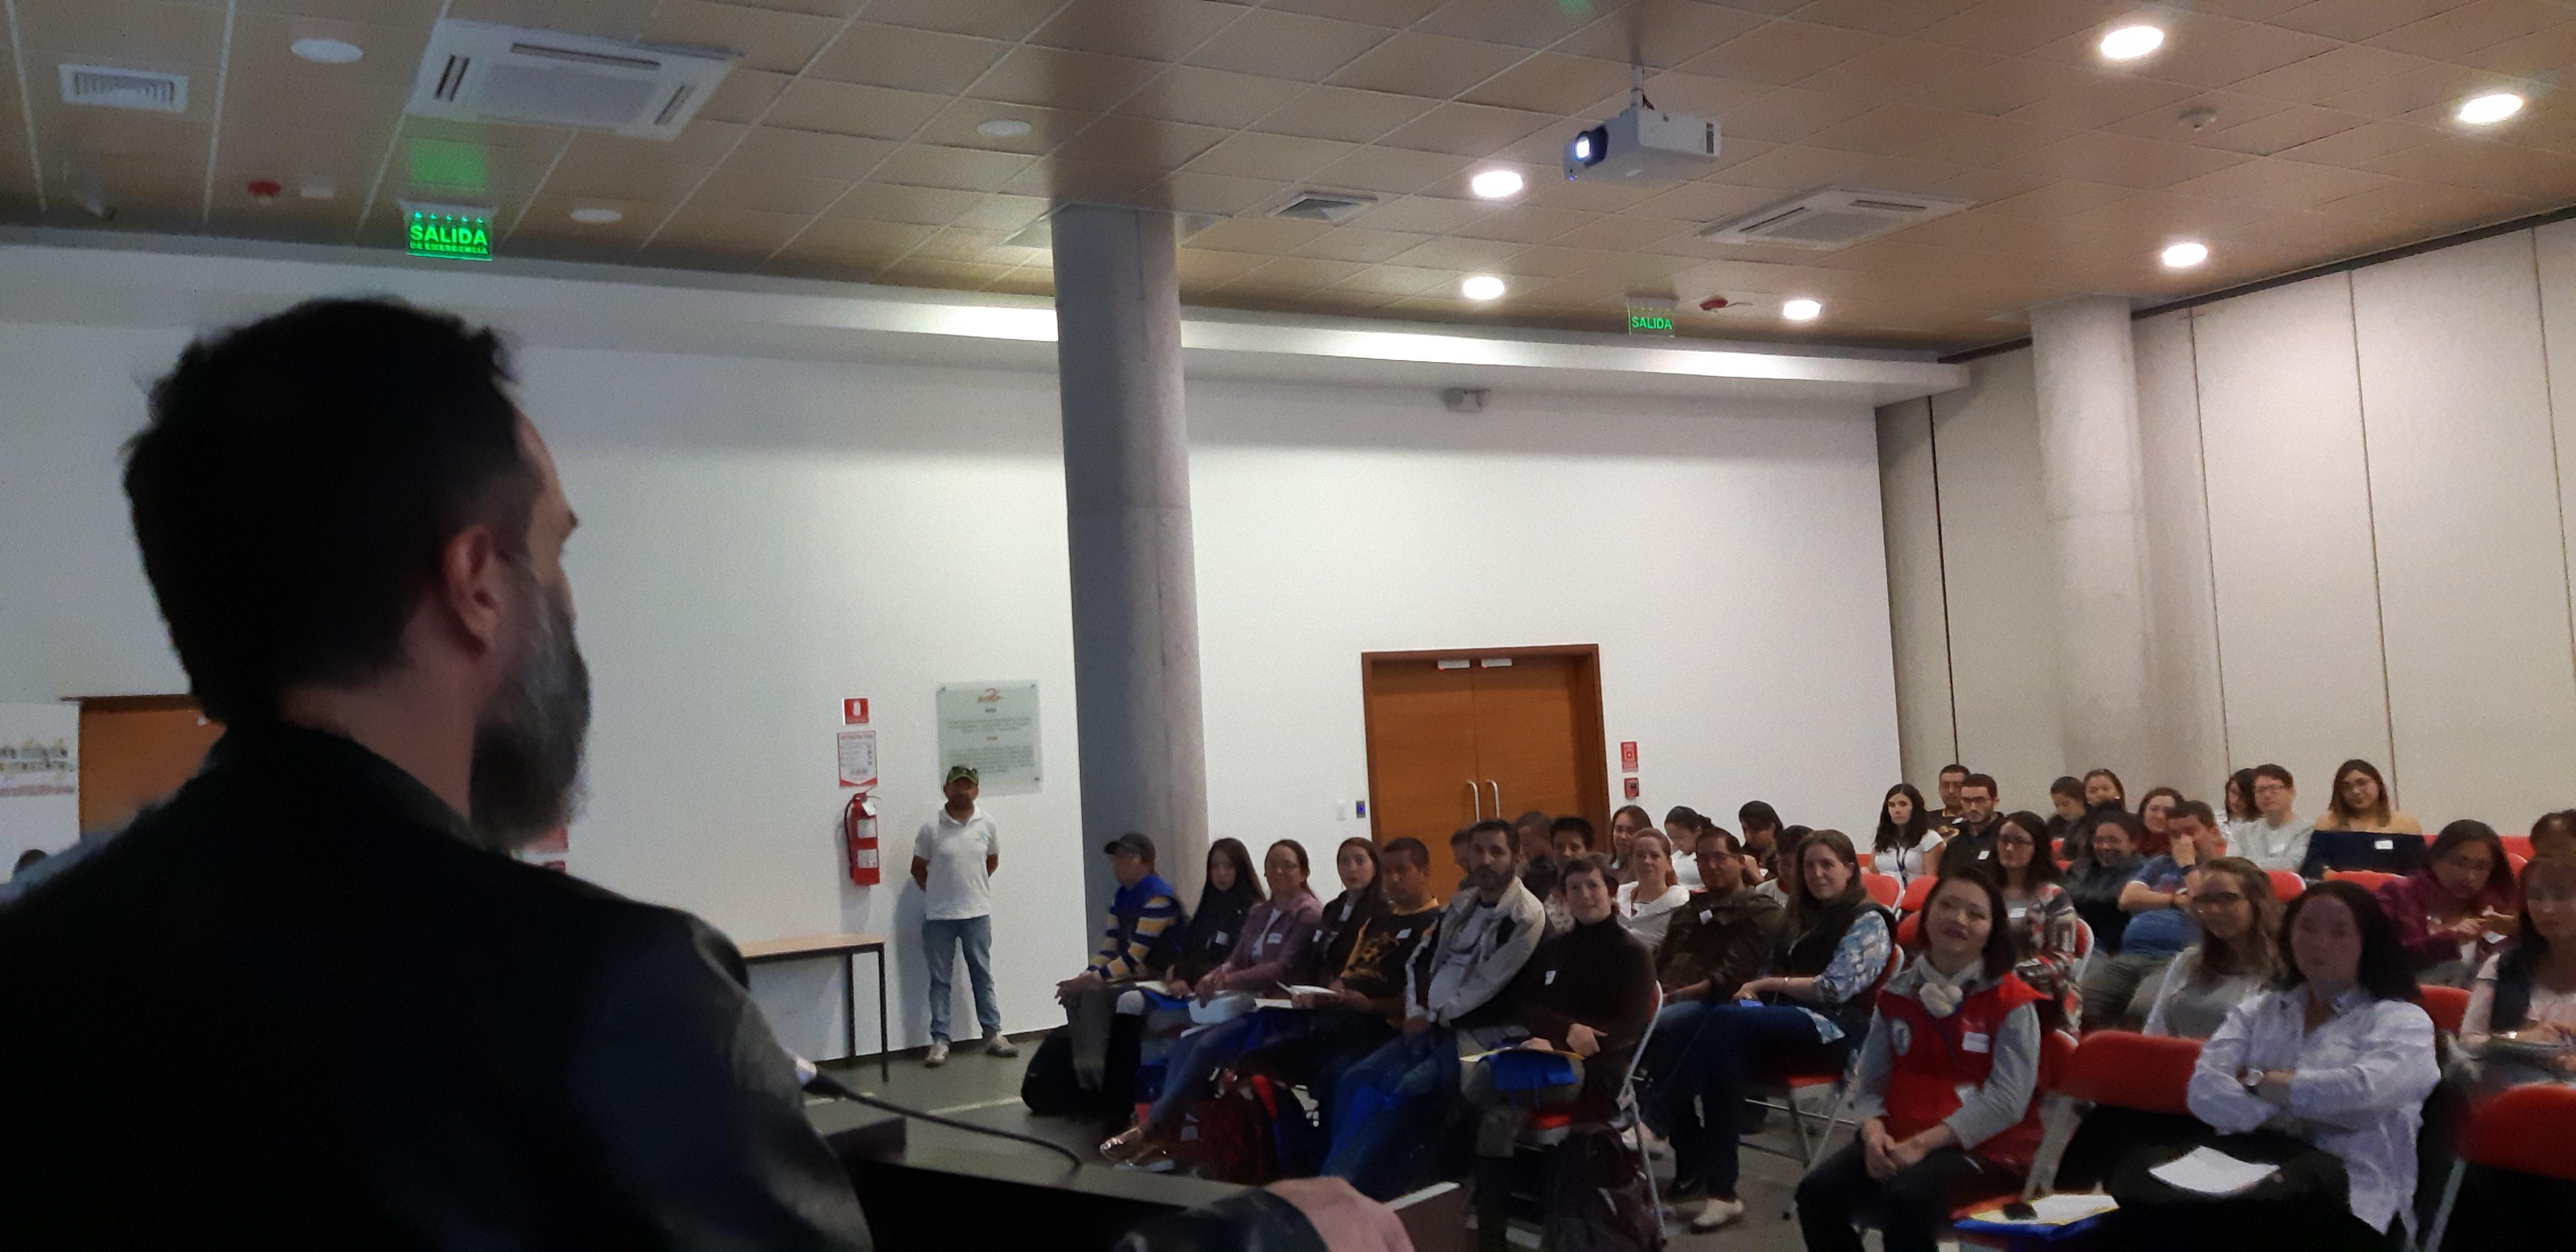 Seminario Internacional de Terapias Asistidas con Animales en la UDLA, Quito 10 de Noviembre 2018